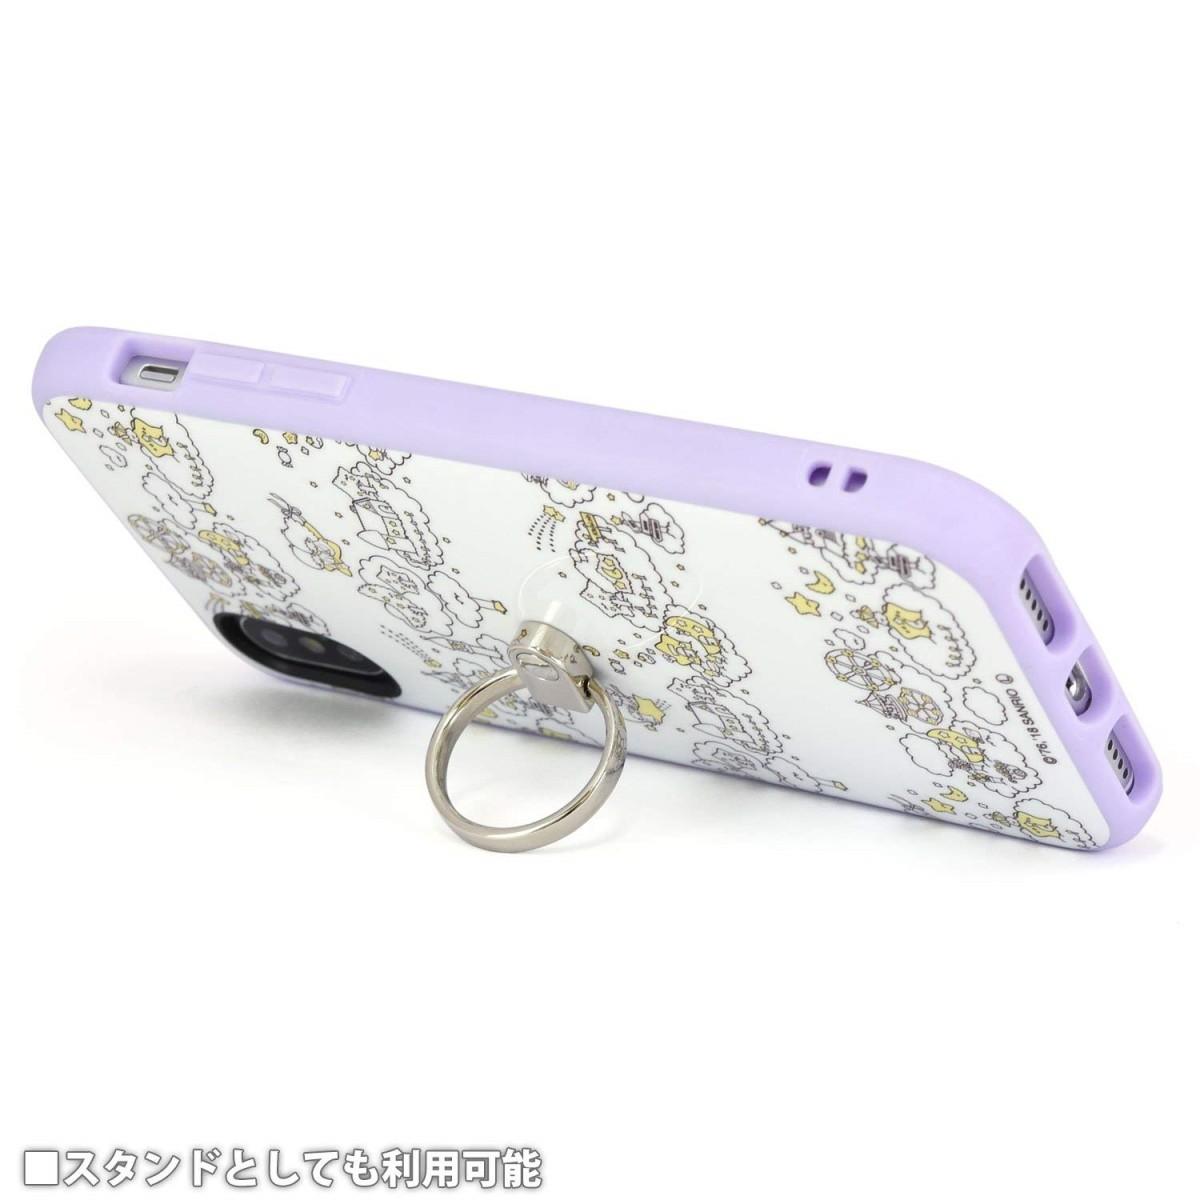 iPhone X用 サンリオキャラクターズ IIIIfitリングケース キキ&ララ SAN-795TSの商品画像|4